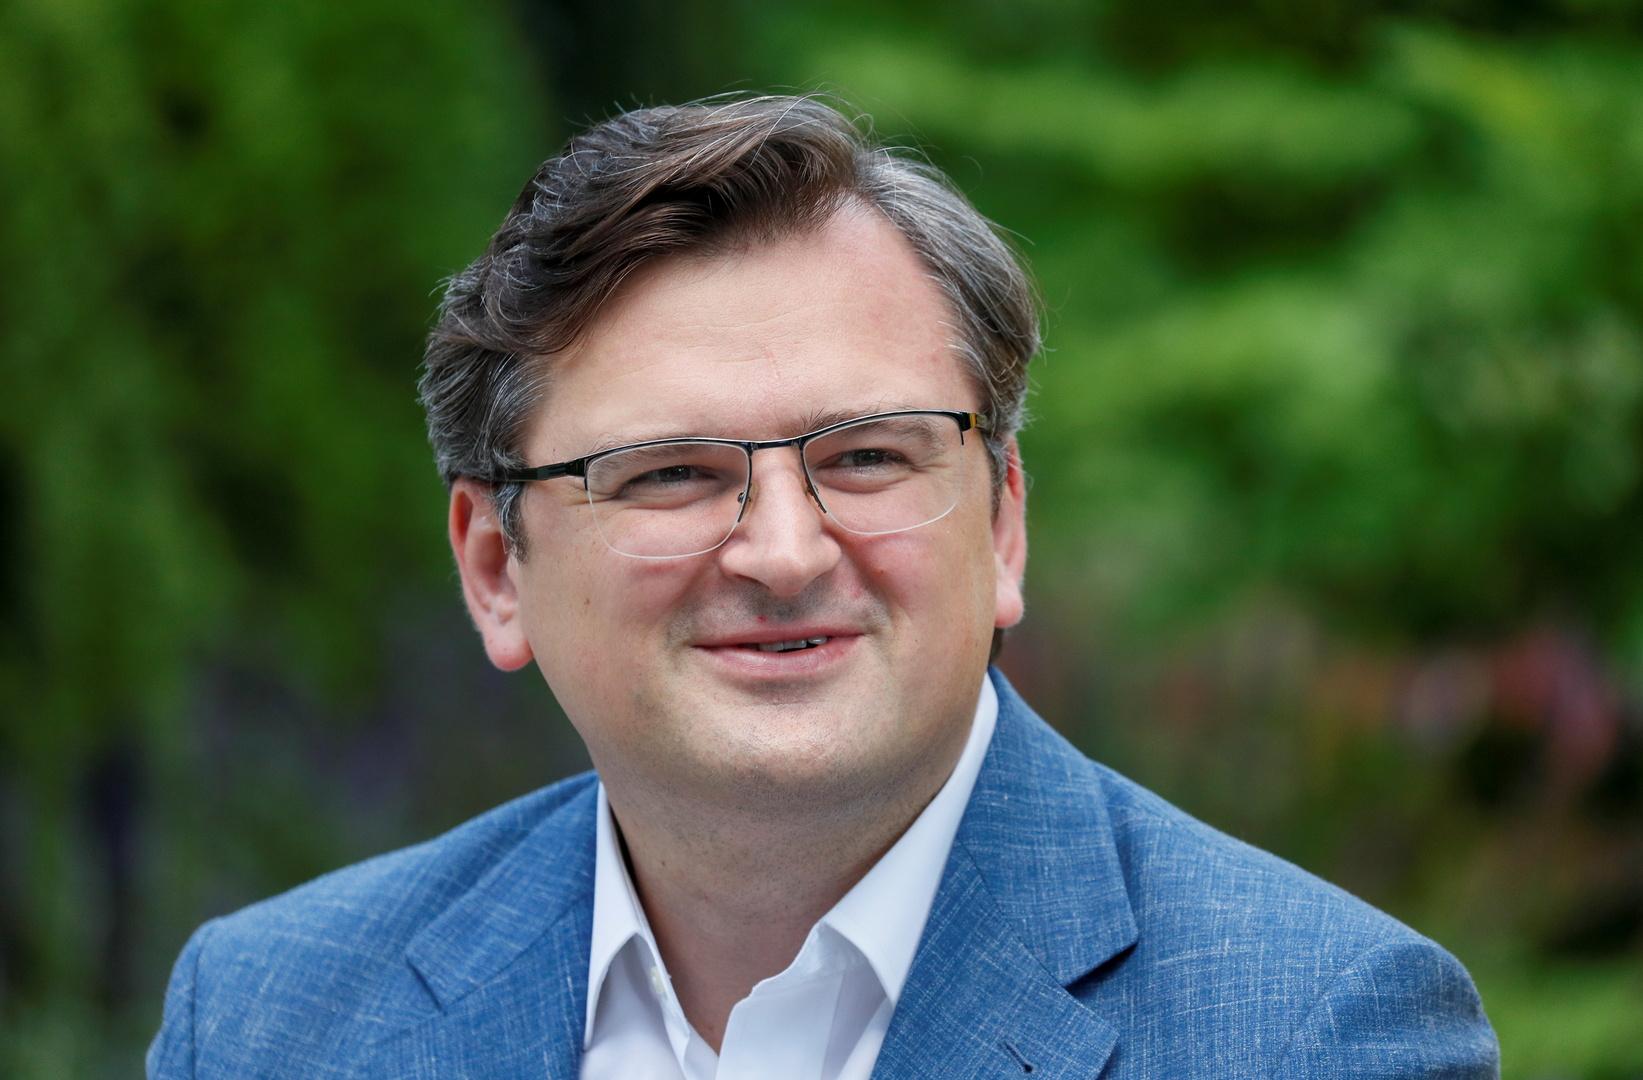 وزير الخارجية الأوكرانية دميتري كوليبا